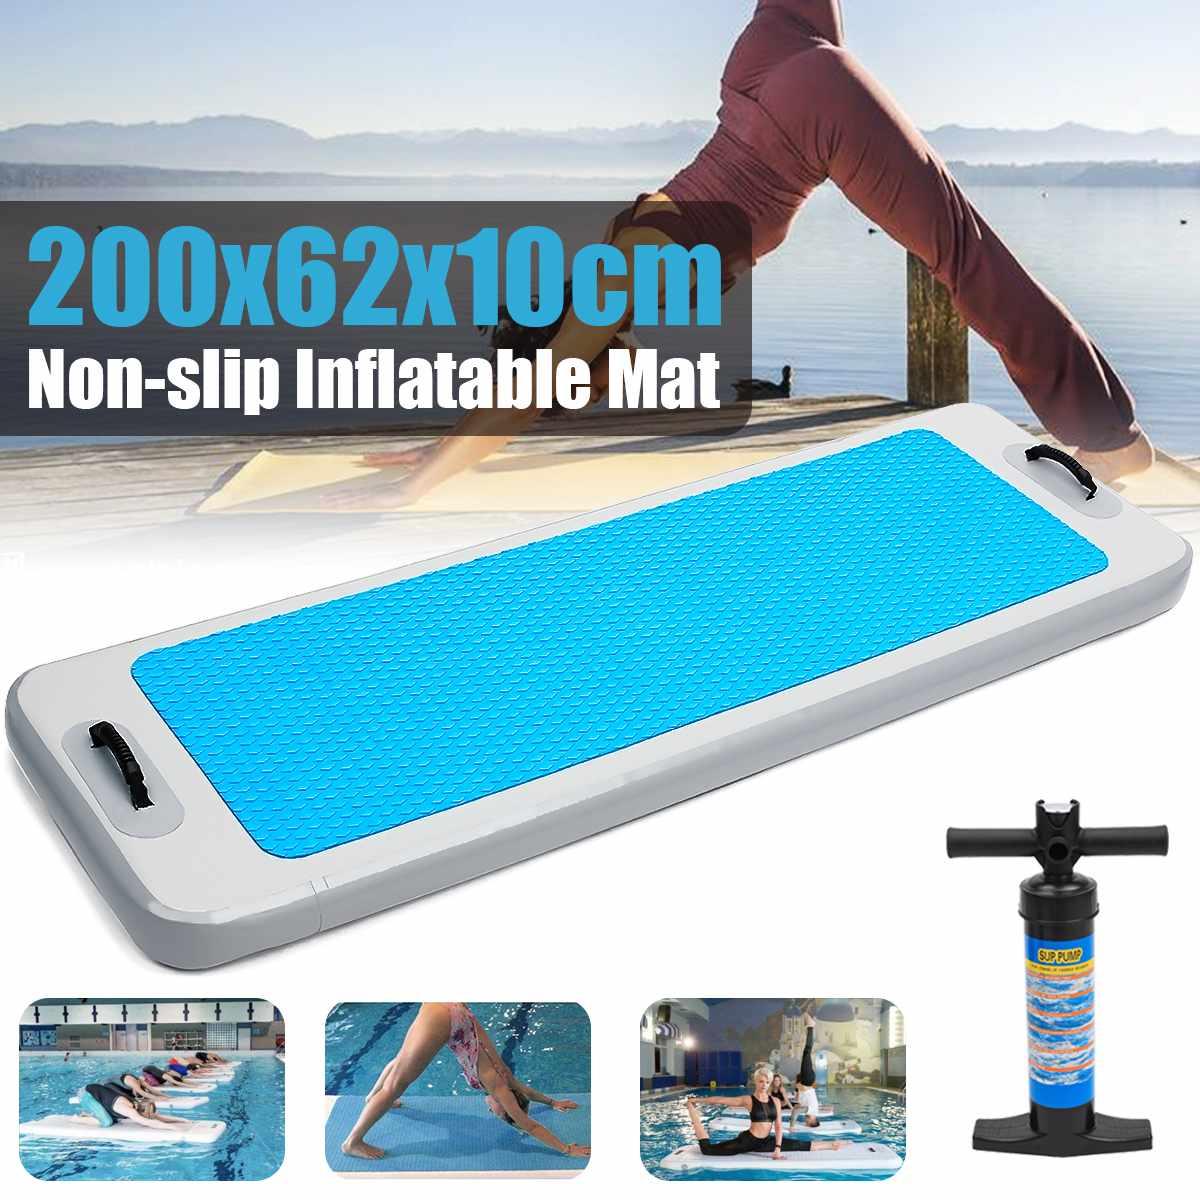 2x0.62x0.1 m Airtrack tapis de Yoga flottant tapis de gymnastique Sports nautiques en plein Air tapis de piste d'air